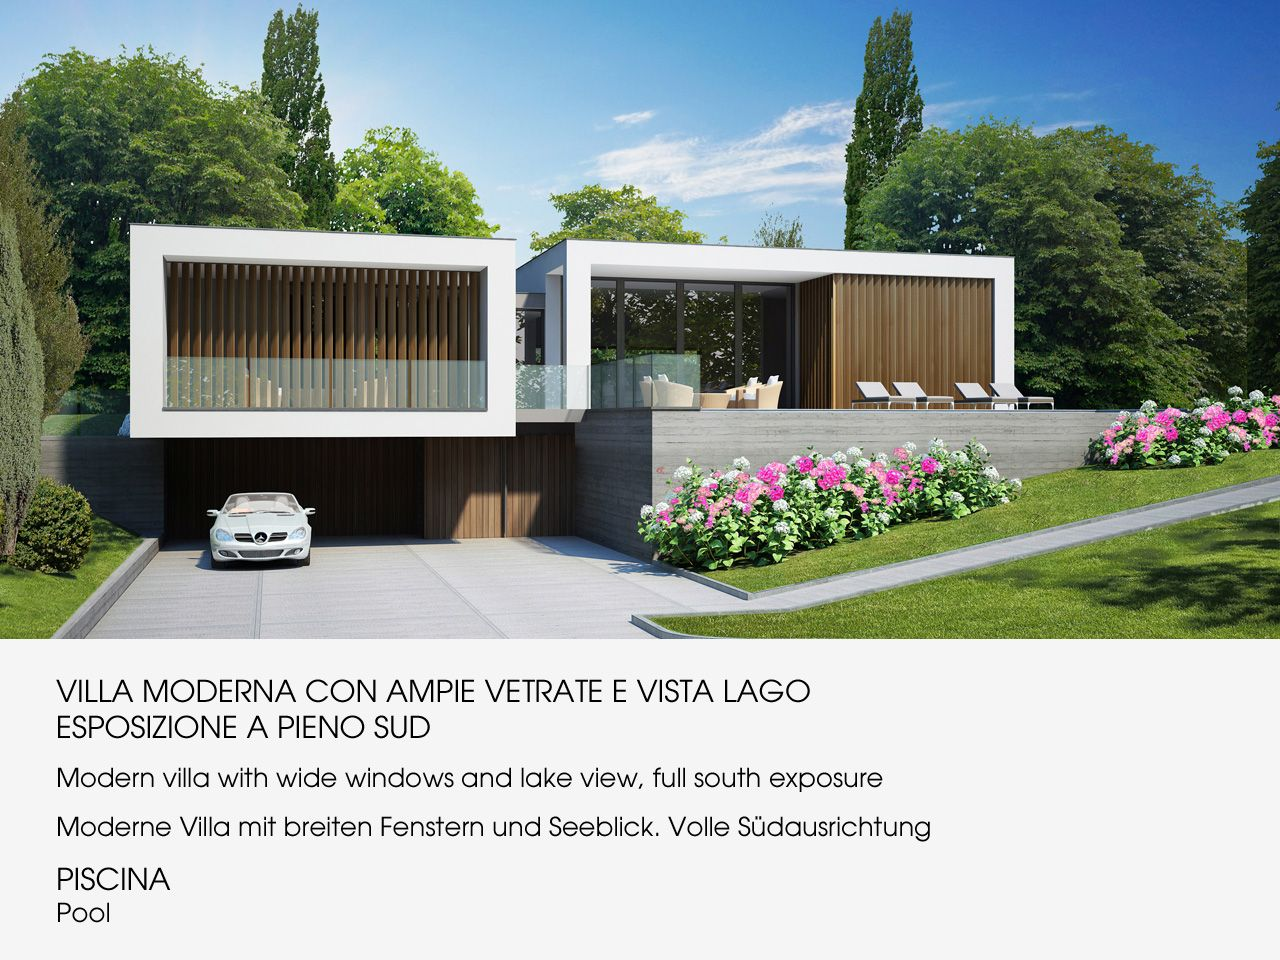 Arizzano villa moderna vista lago nuova con piscina for Giardini per ville moderne